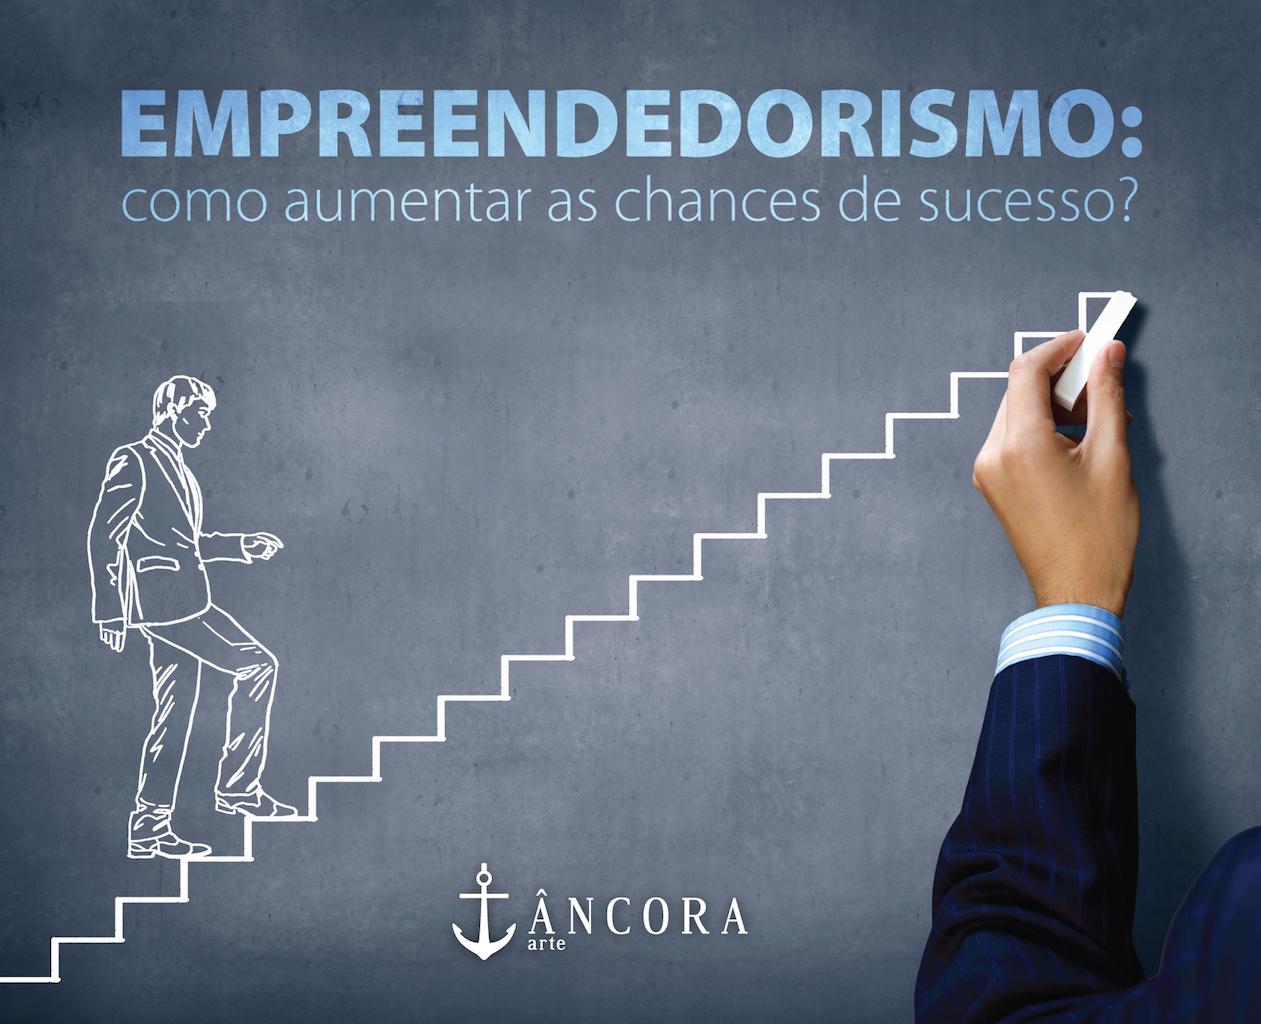 Empreendedorismo: como aumentar as chances de sucesso?